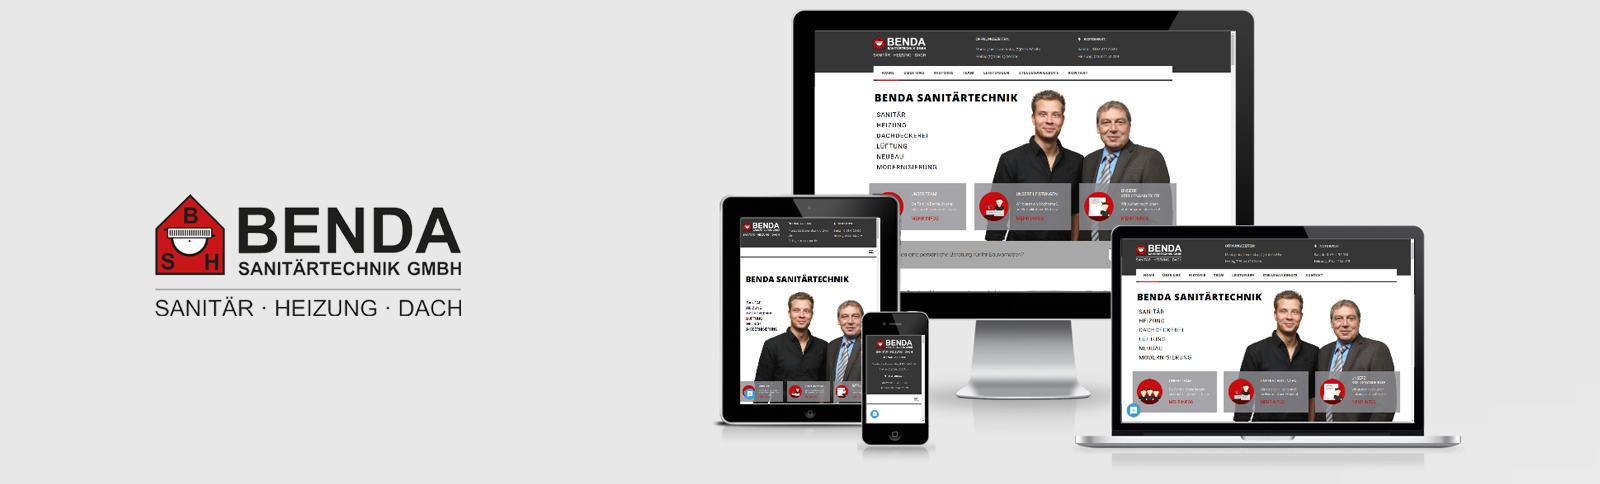 Logo-Überarbeitung, Erstellung von Drucksachen, Fotoshootings und Website-Relaunch und Social Media Betreuung für die Benda Sanitärtechnik GmbH durch Kähler & Kähler.